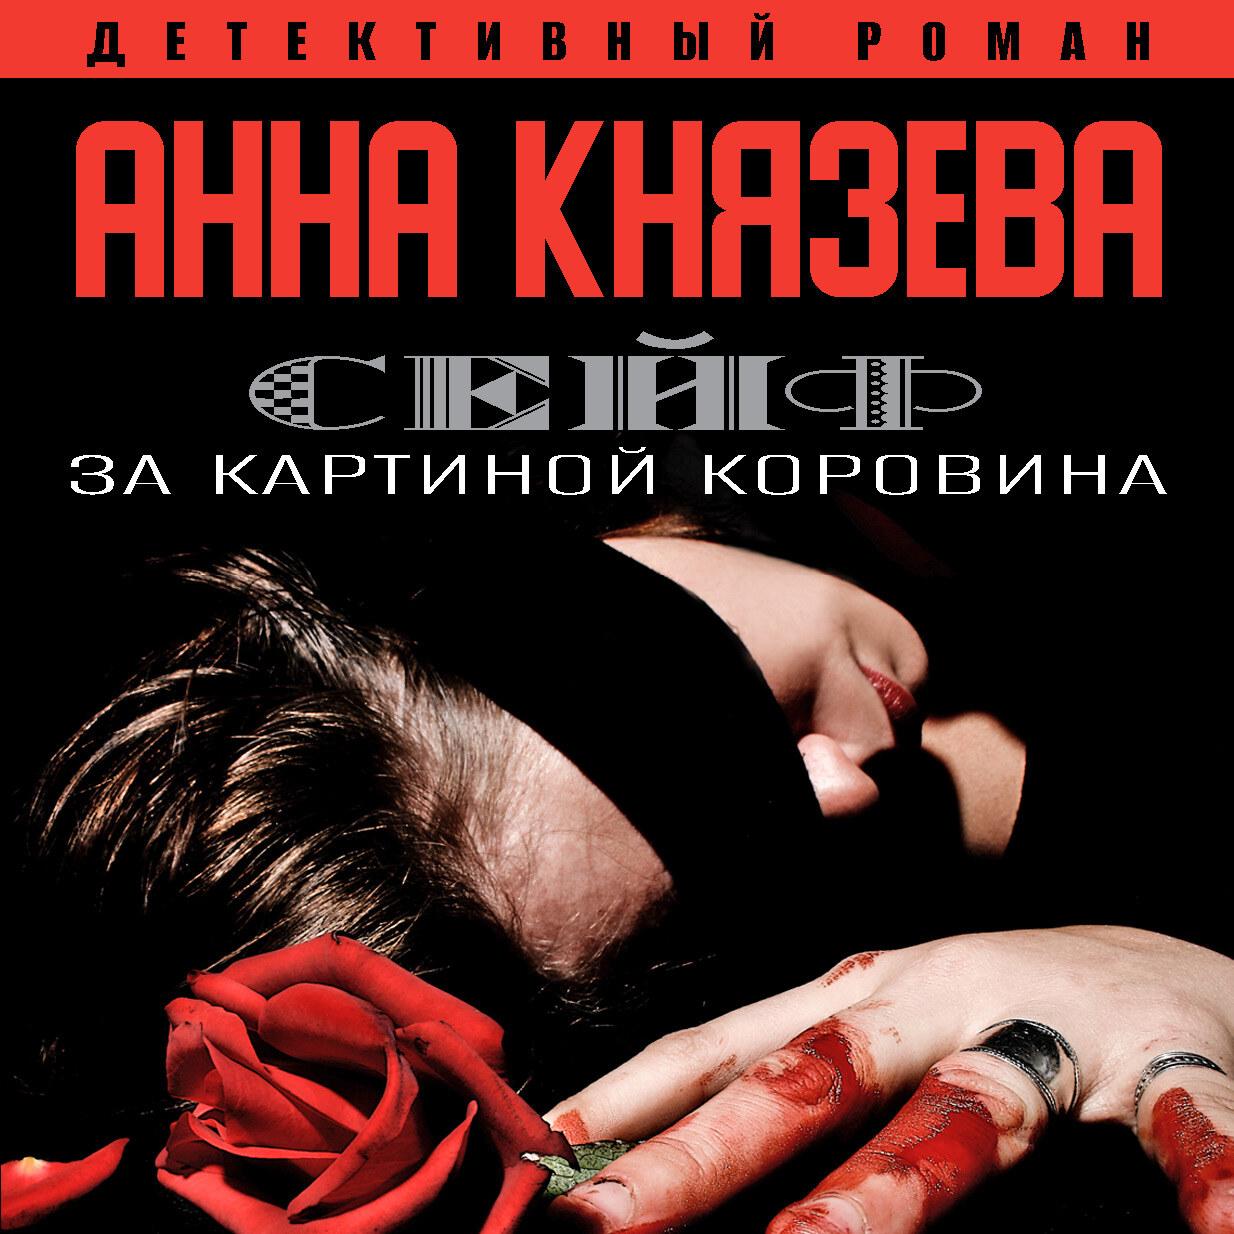 Купить книгу Сейф за картиной Коровина, автора Анны Князевой